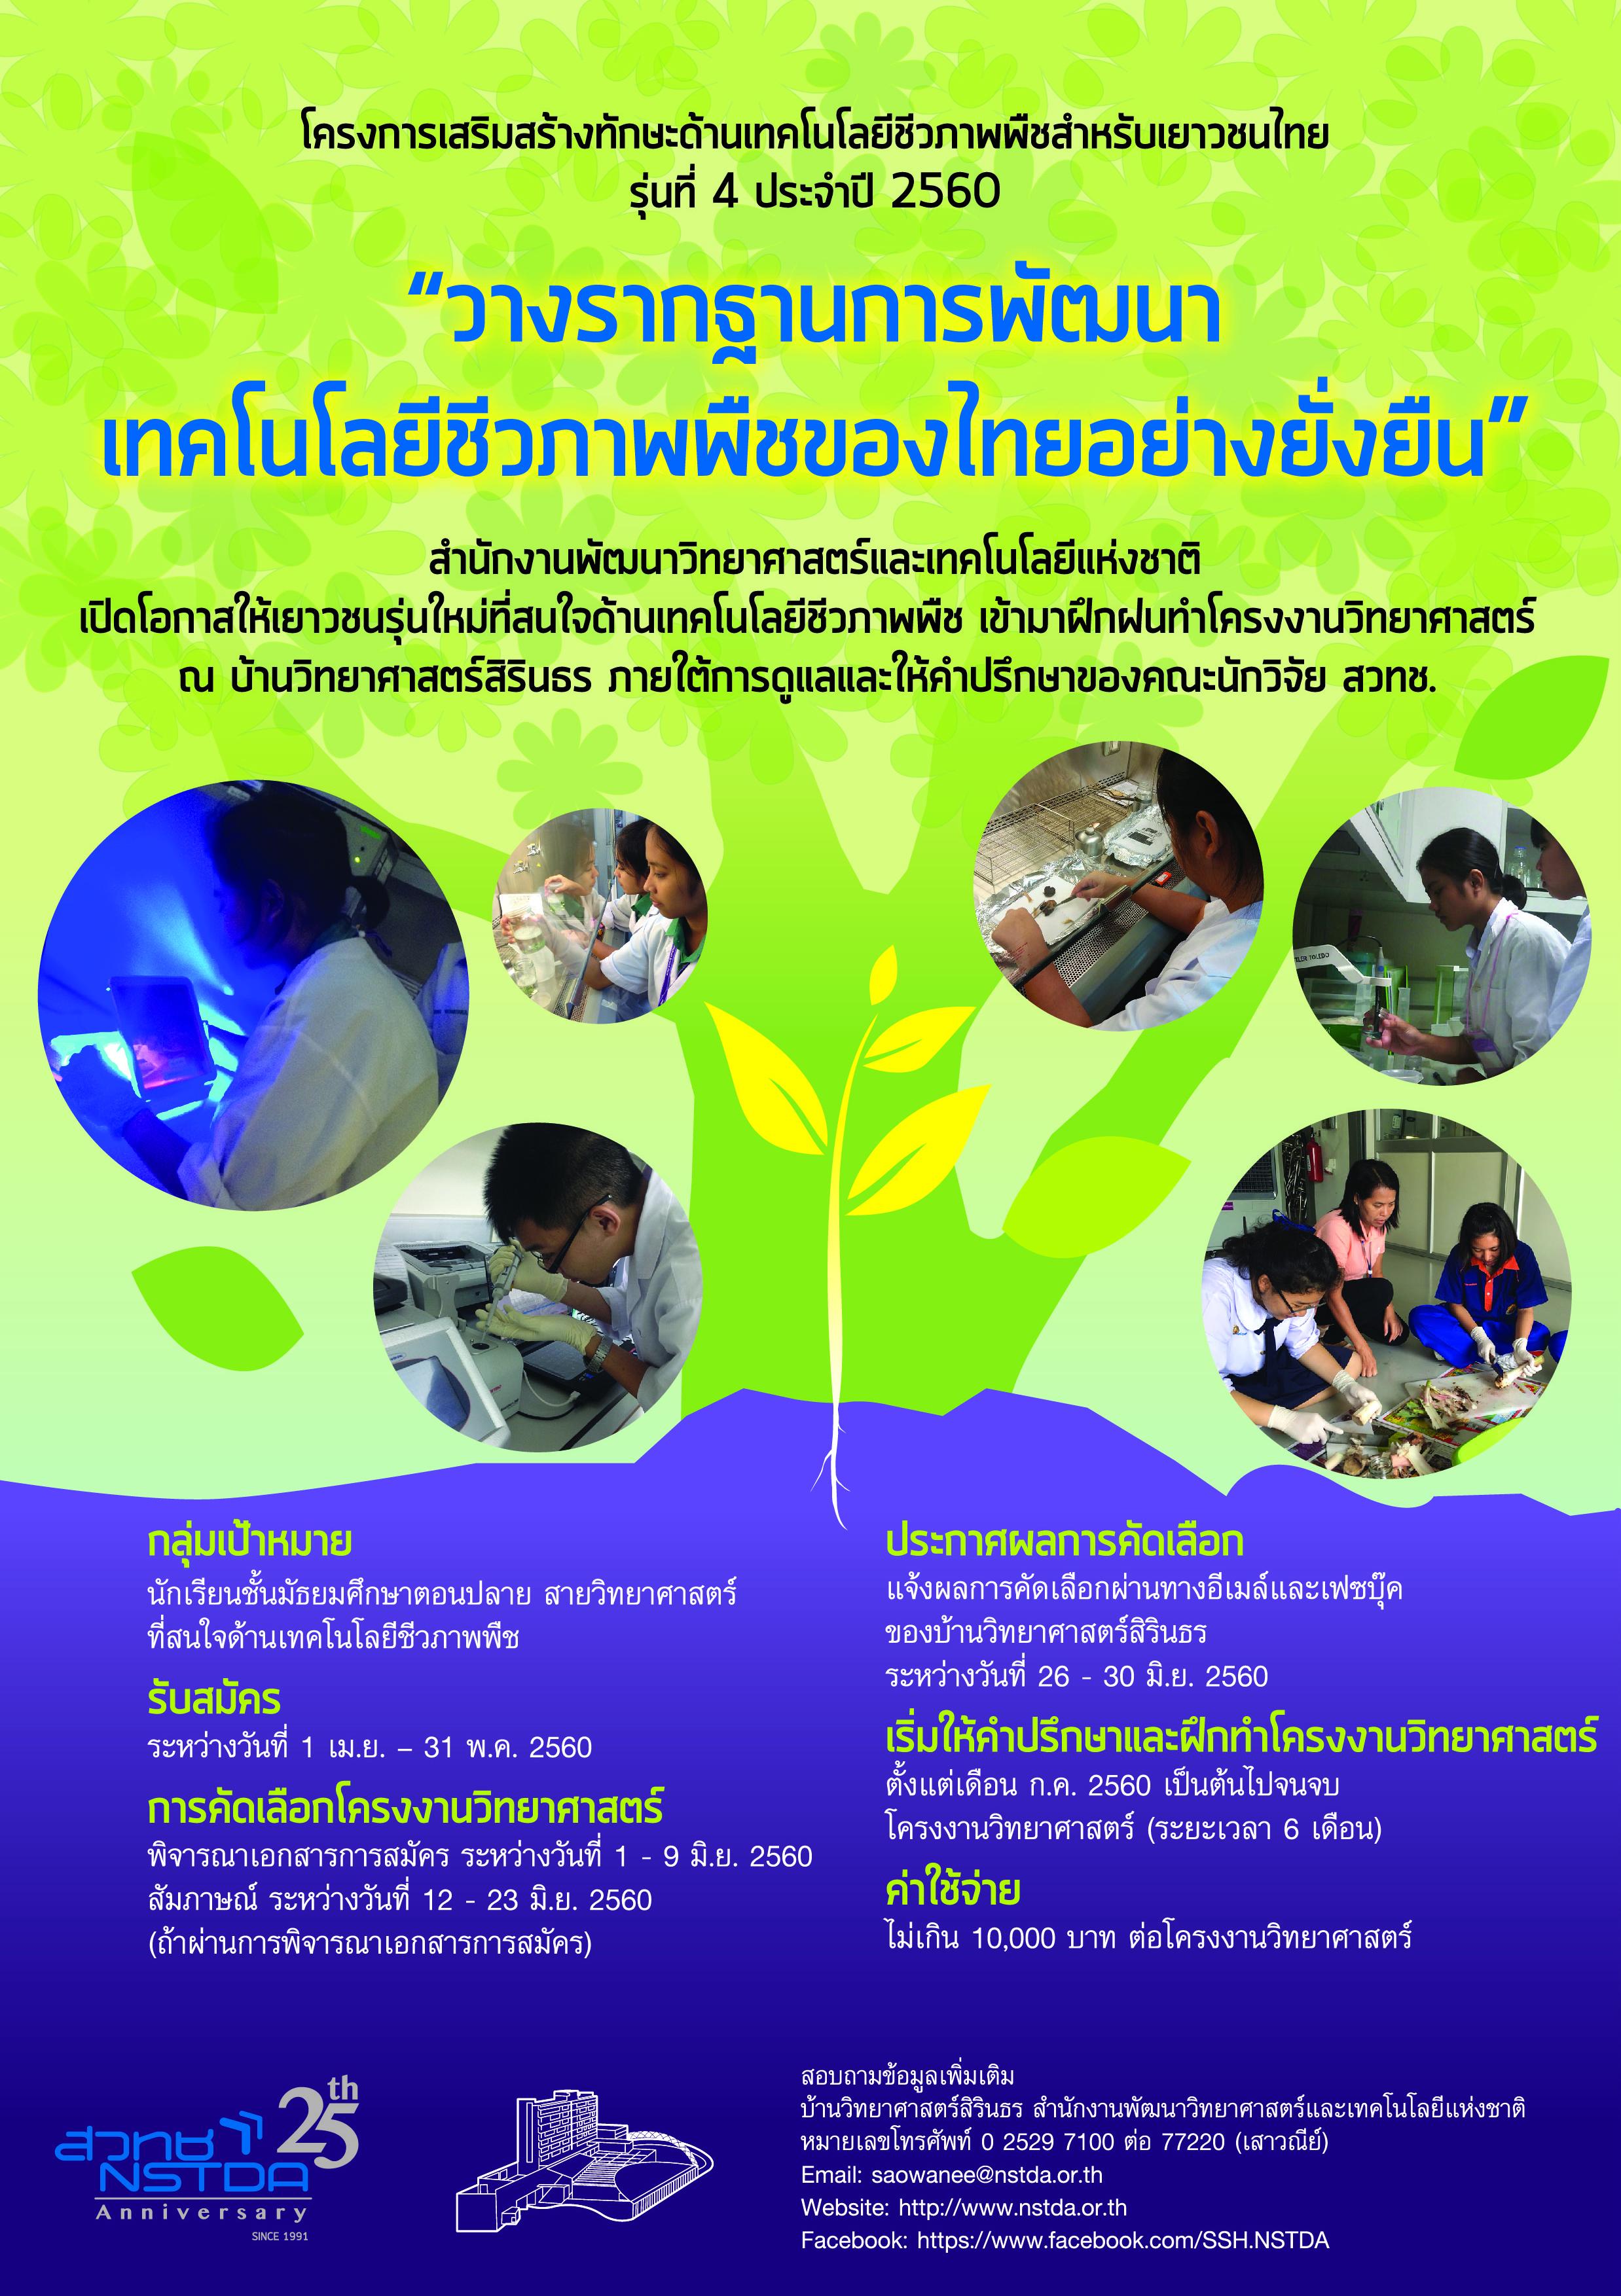 โครงการเสริมสร้างทักษะด้านเทคโนโลยีชีวภาพพืชสำหรับเยาวชนไทย รุ่นที่ 4 ประจำปี 2560